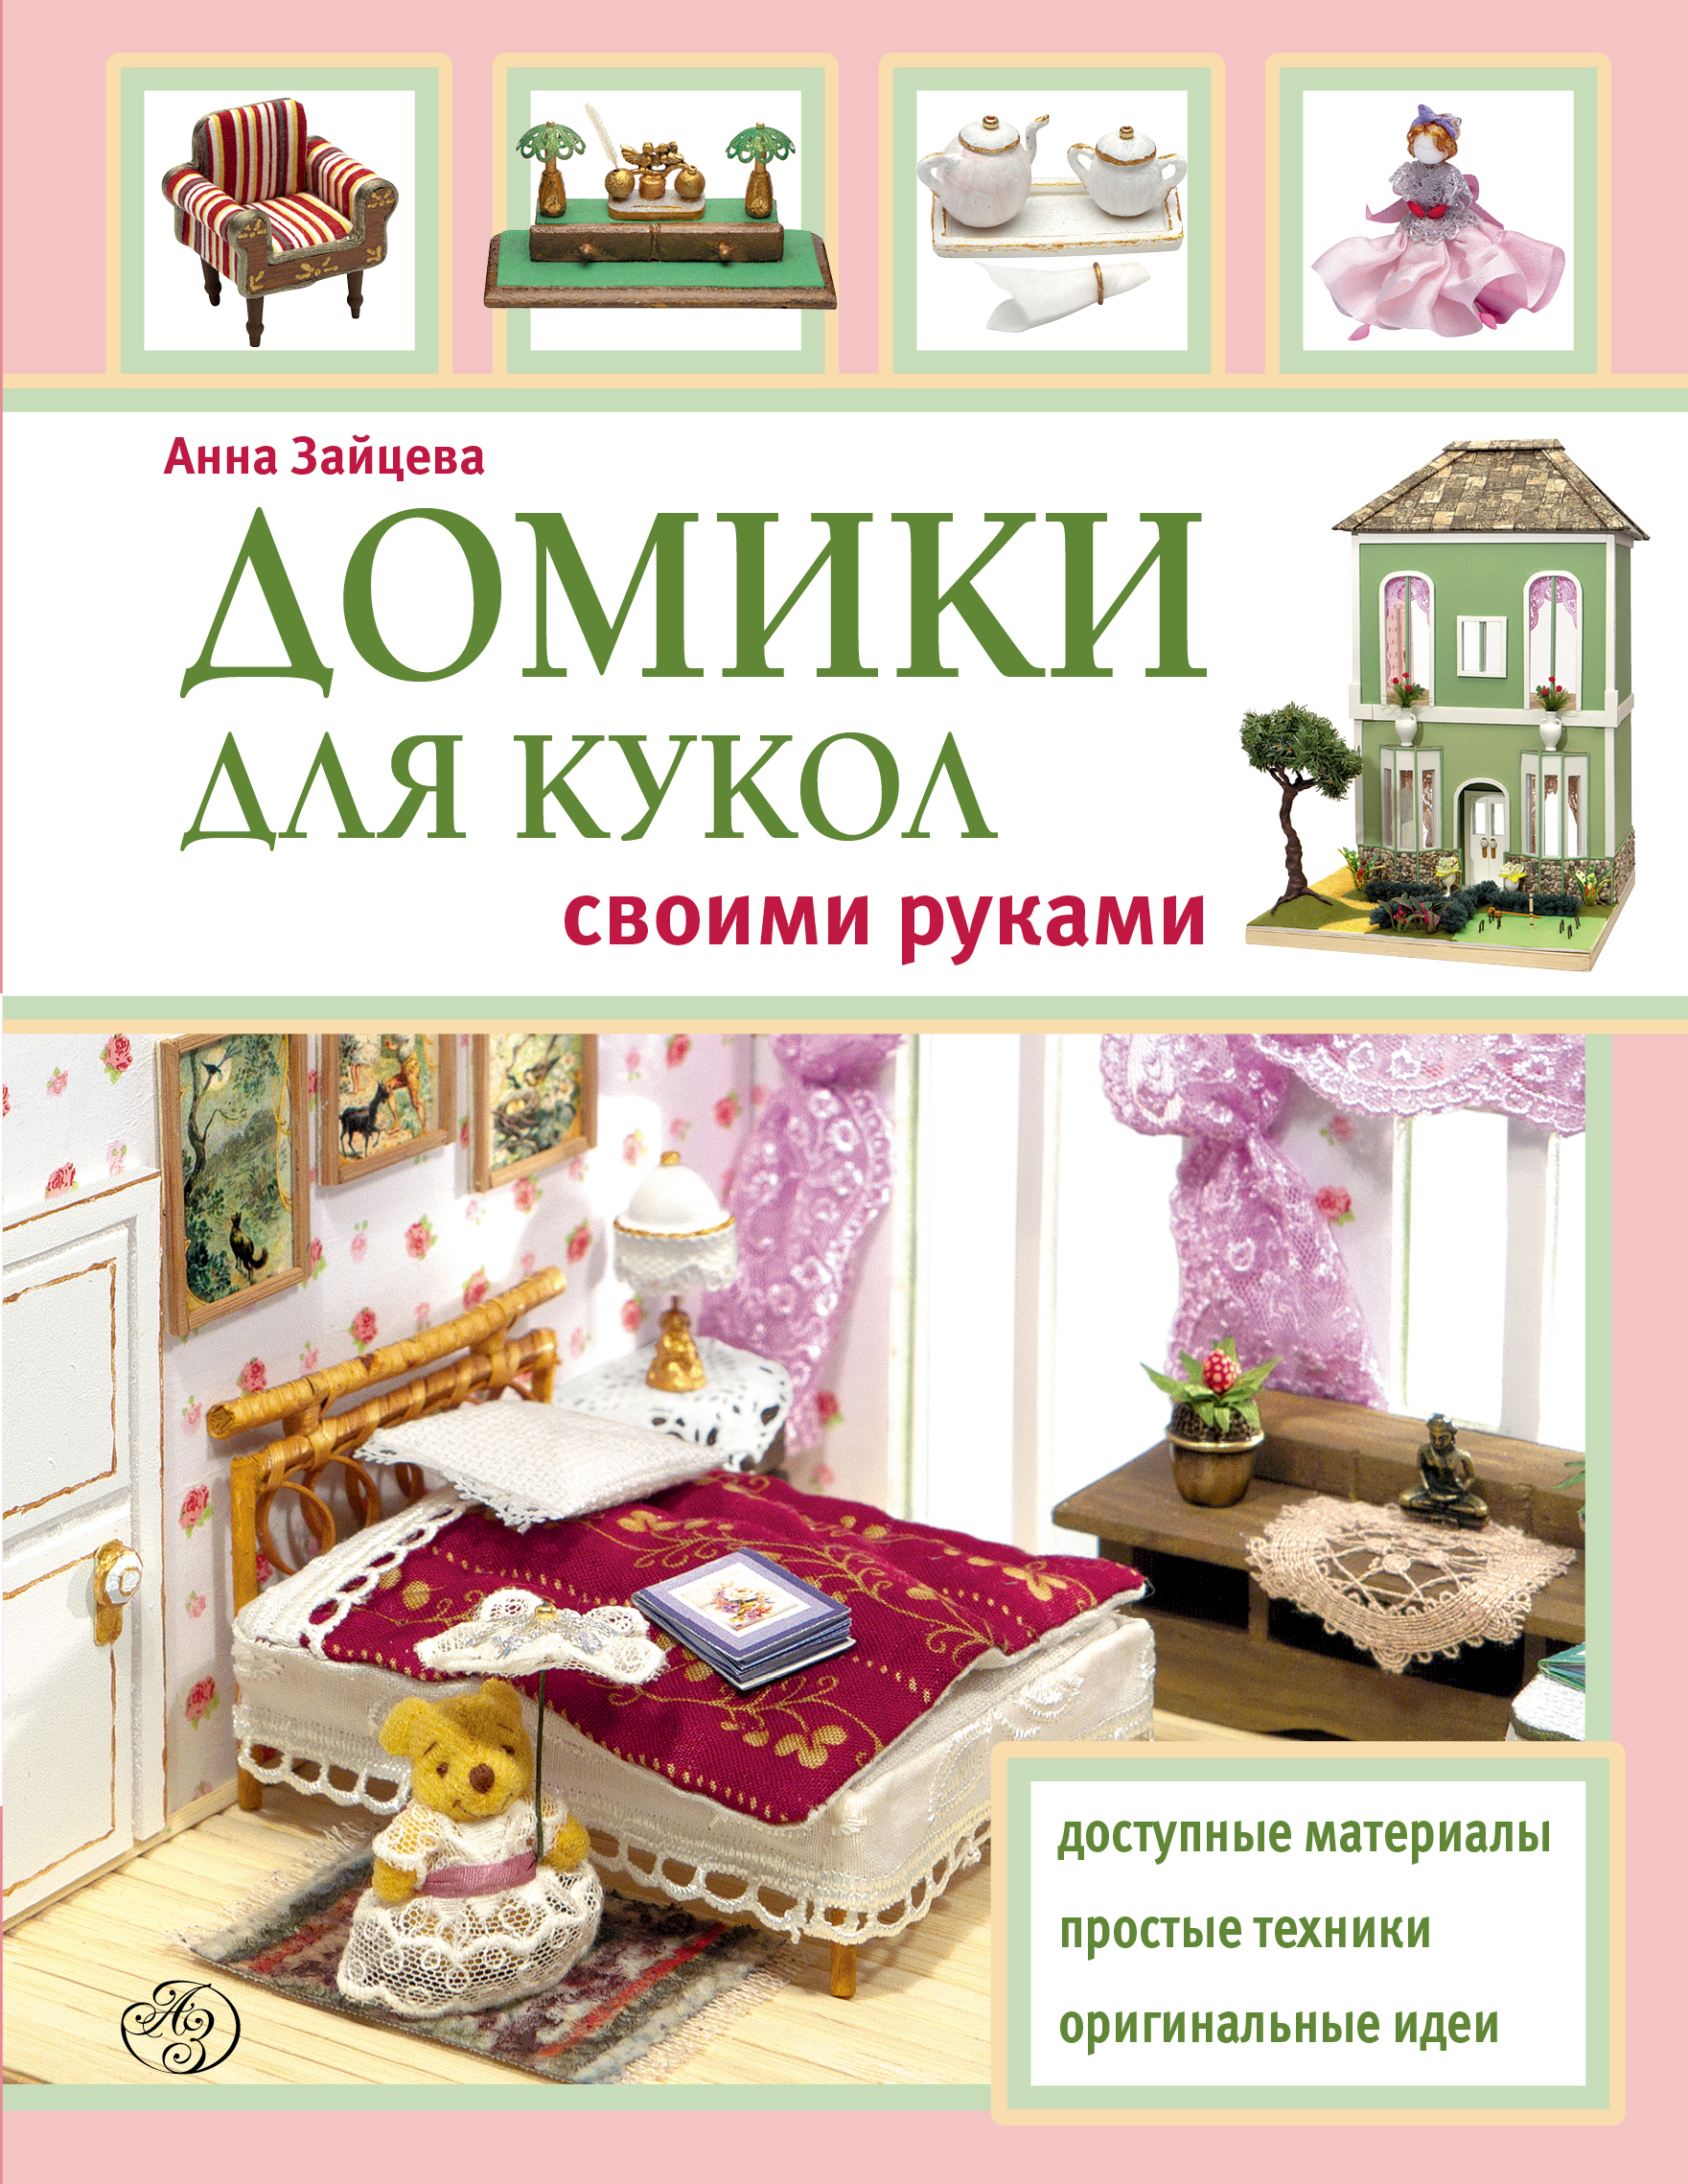 Зайцева А.А. Домики для кукол своими руками